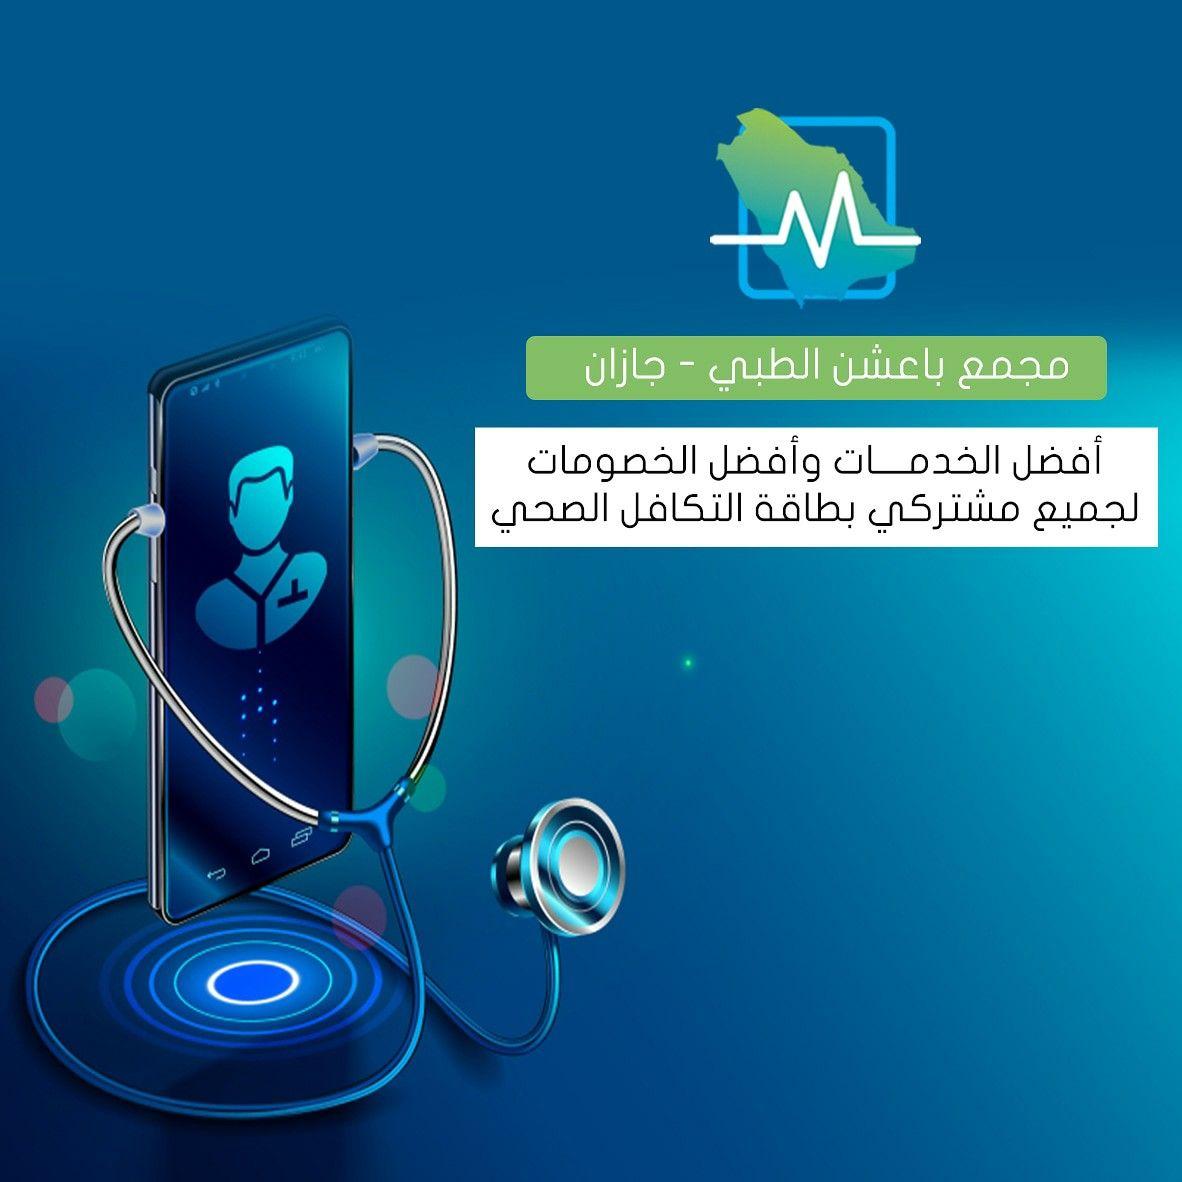 تميز الآن بخصومات طبية في مجمع باعشن الطبي في جازان على بطاقة التكافل الصحي أدوية أشعة تحاليل ولادة طبيعية علاج طبيعي أ Health Insurance Health Travel